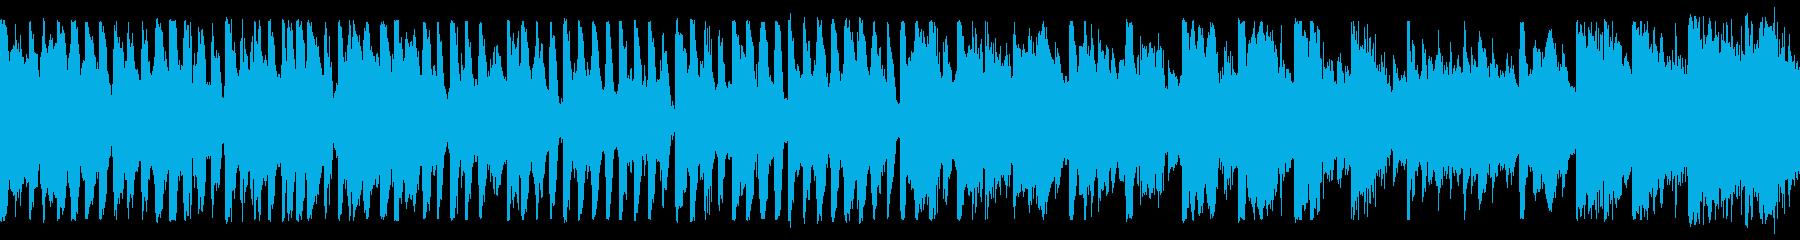 Cartoon シンセサイザー コ...の再生済みの波形